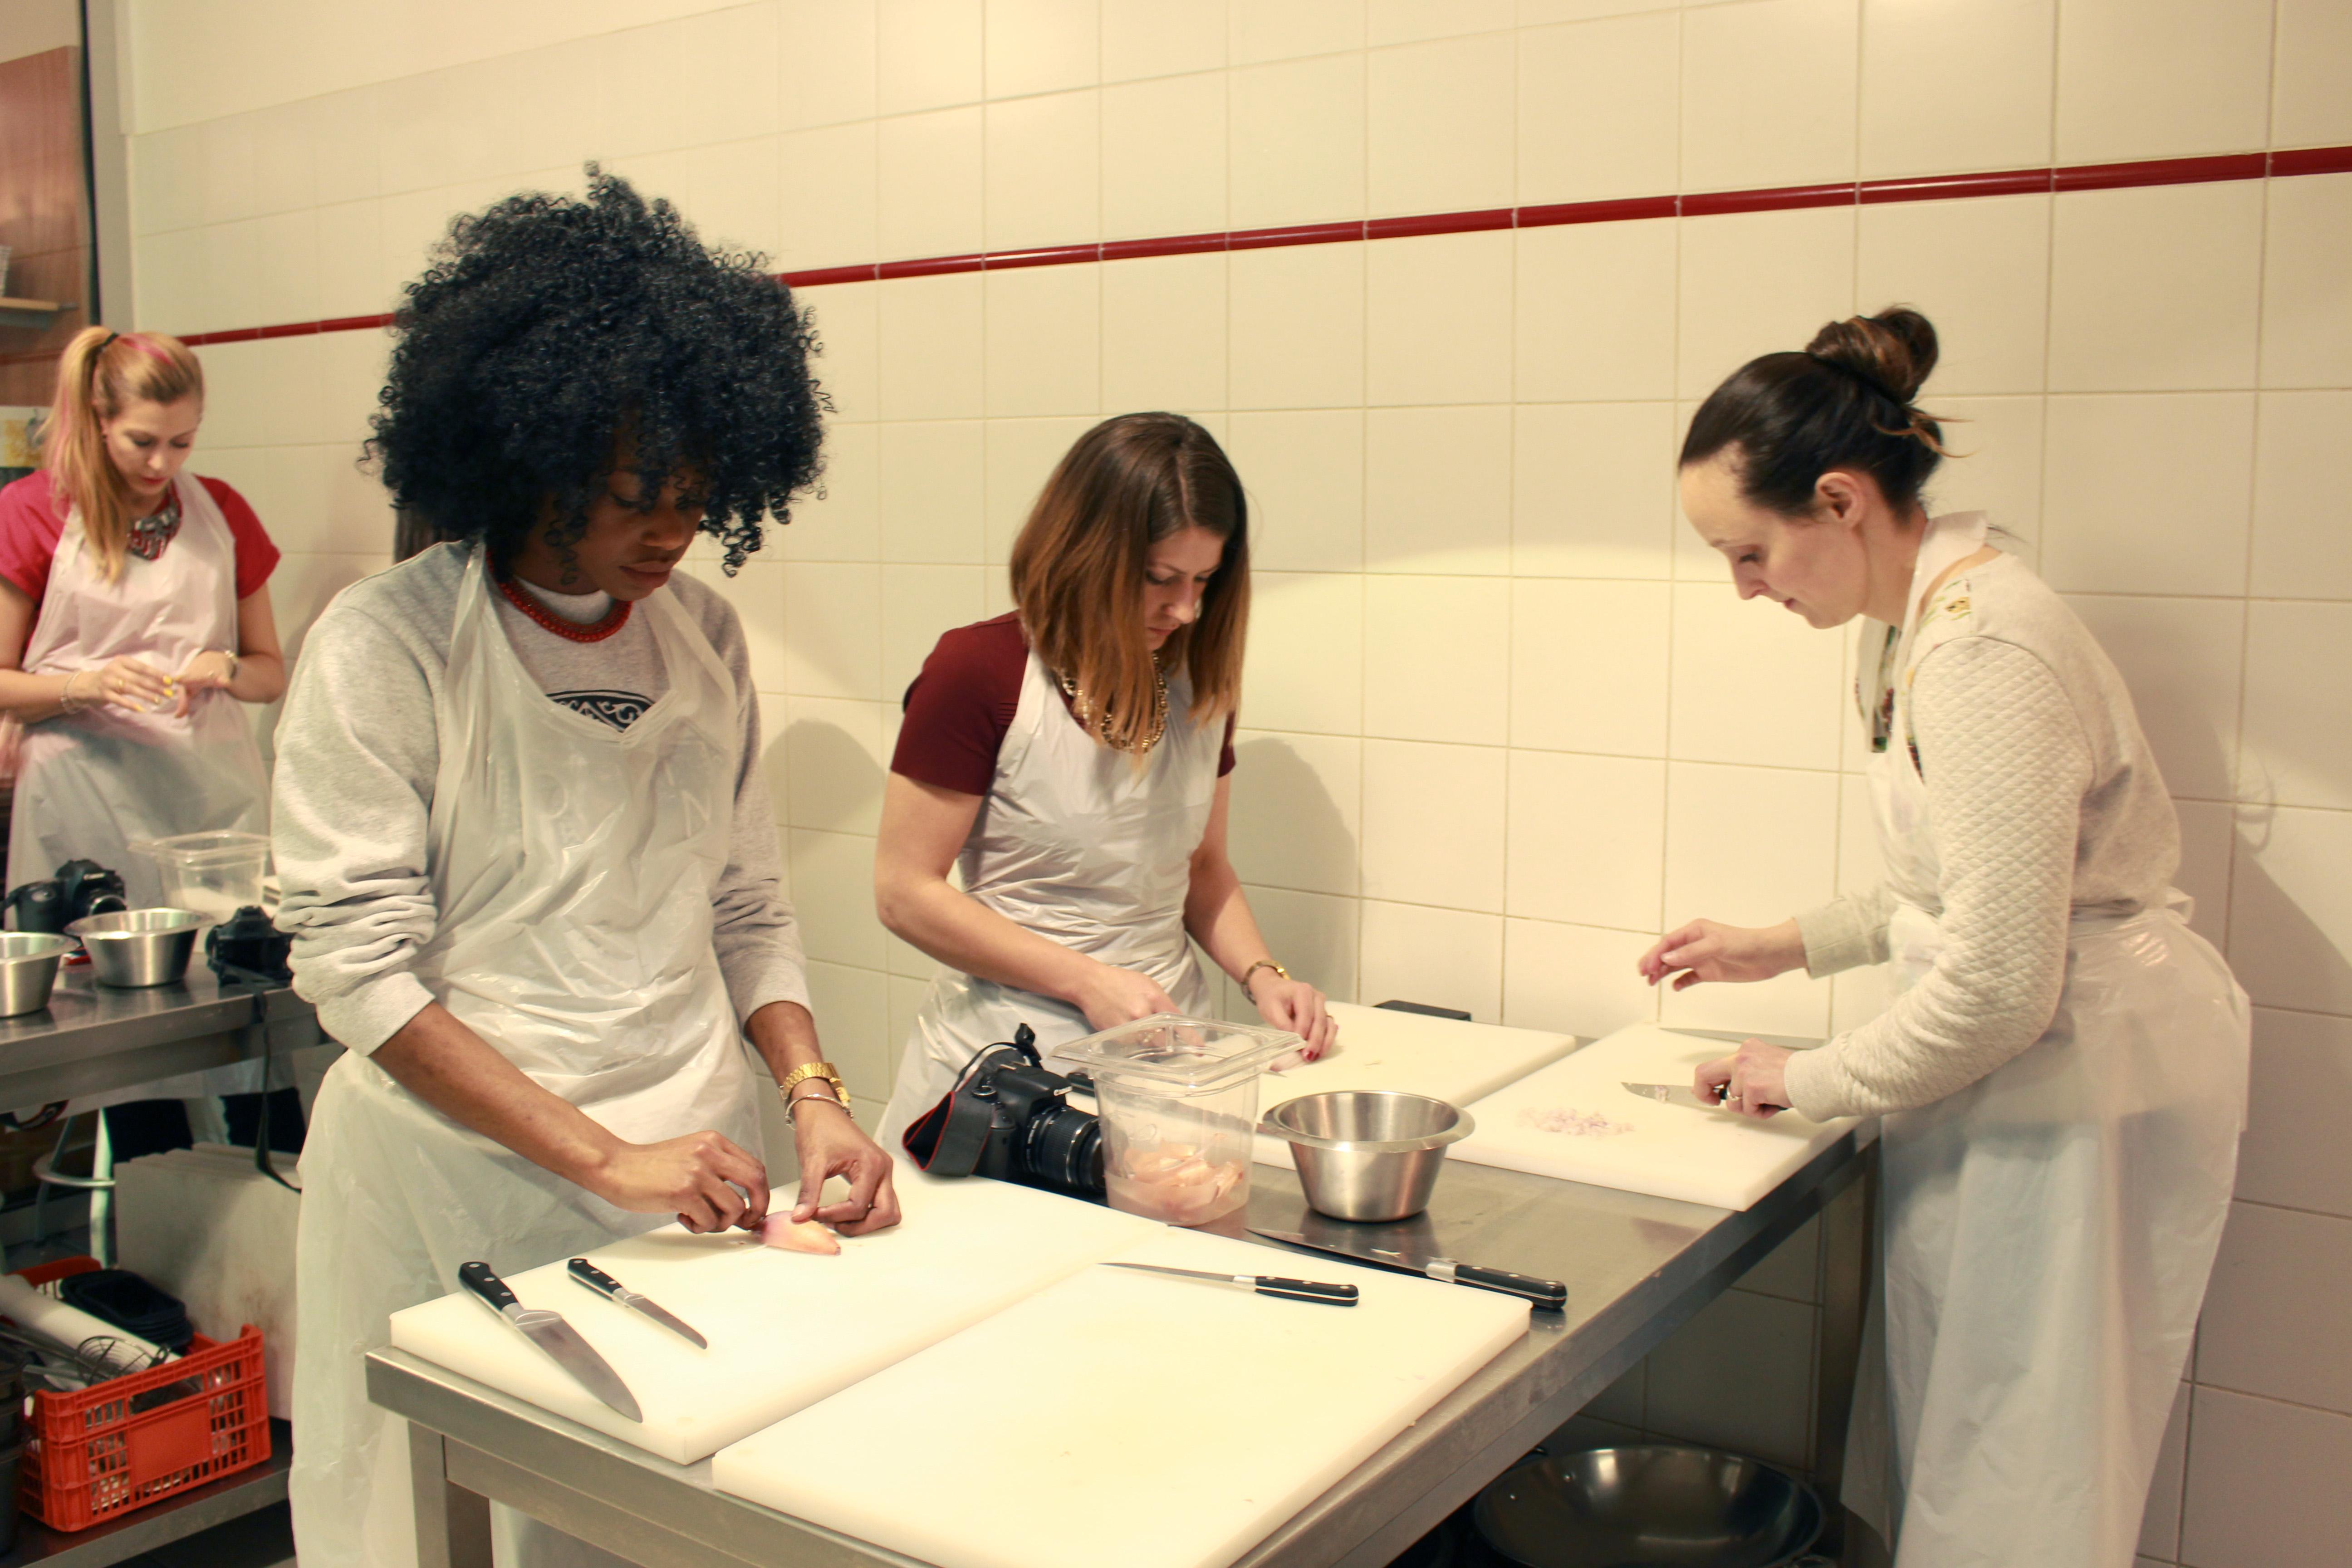 Cours de cuisine archives missglamazone missglamazone - Cours de cuisine par internet ...